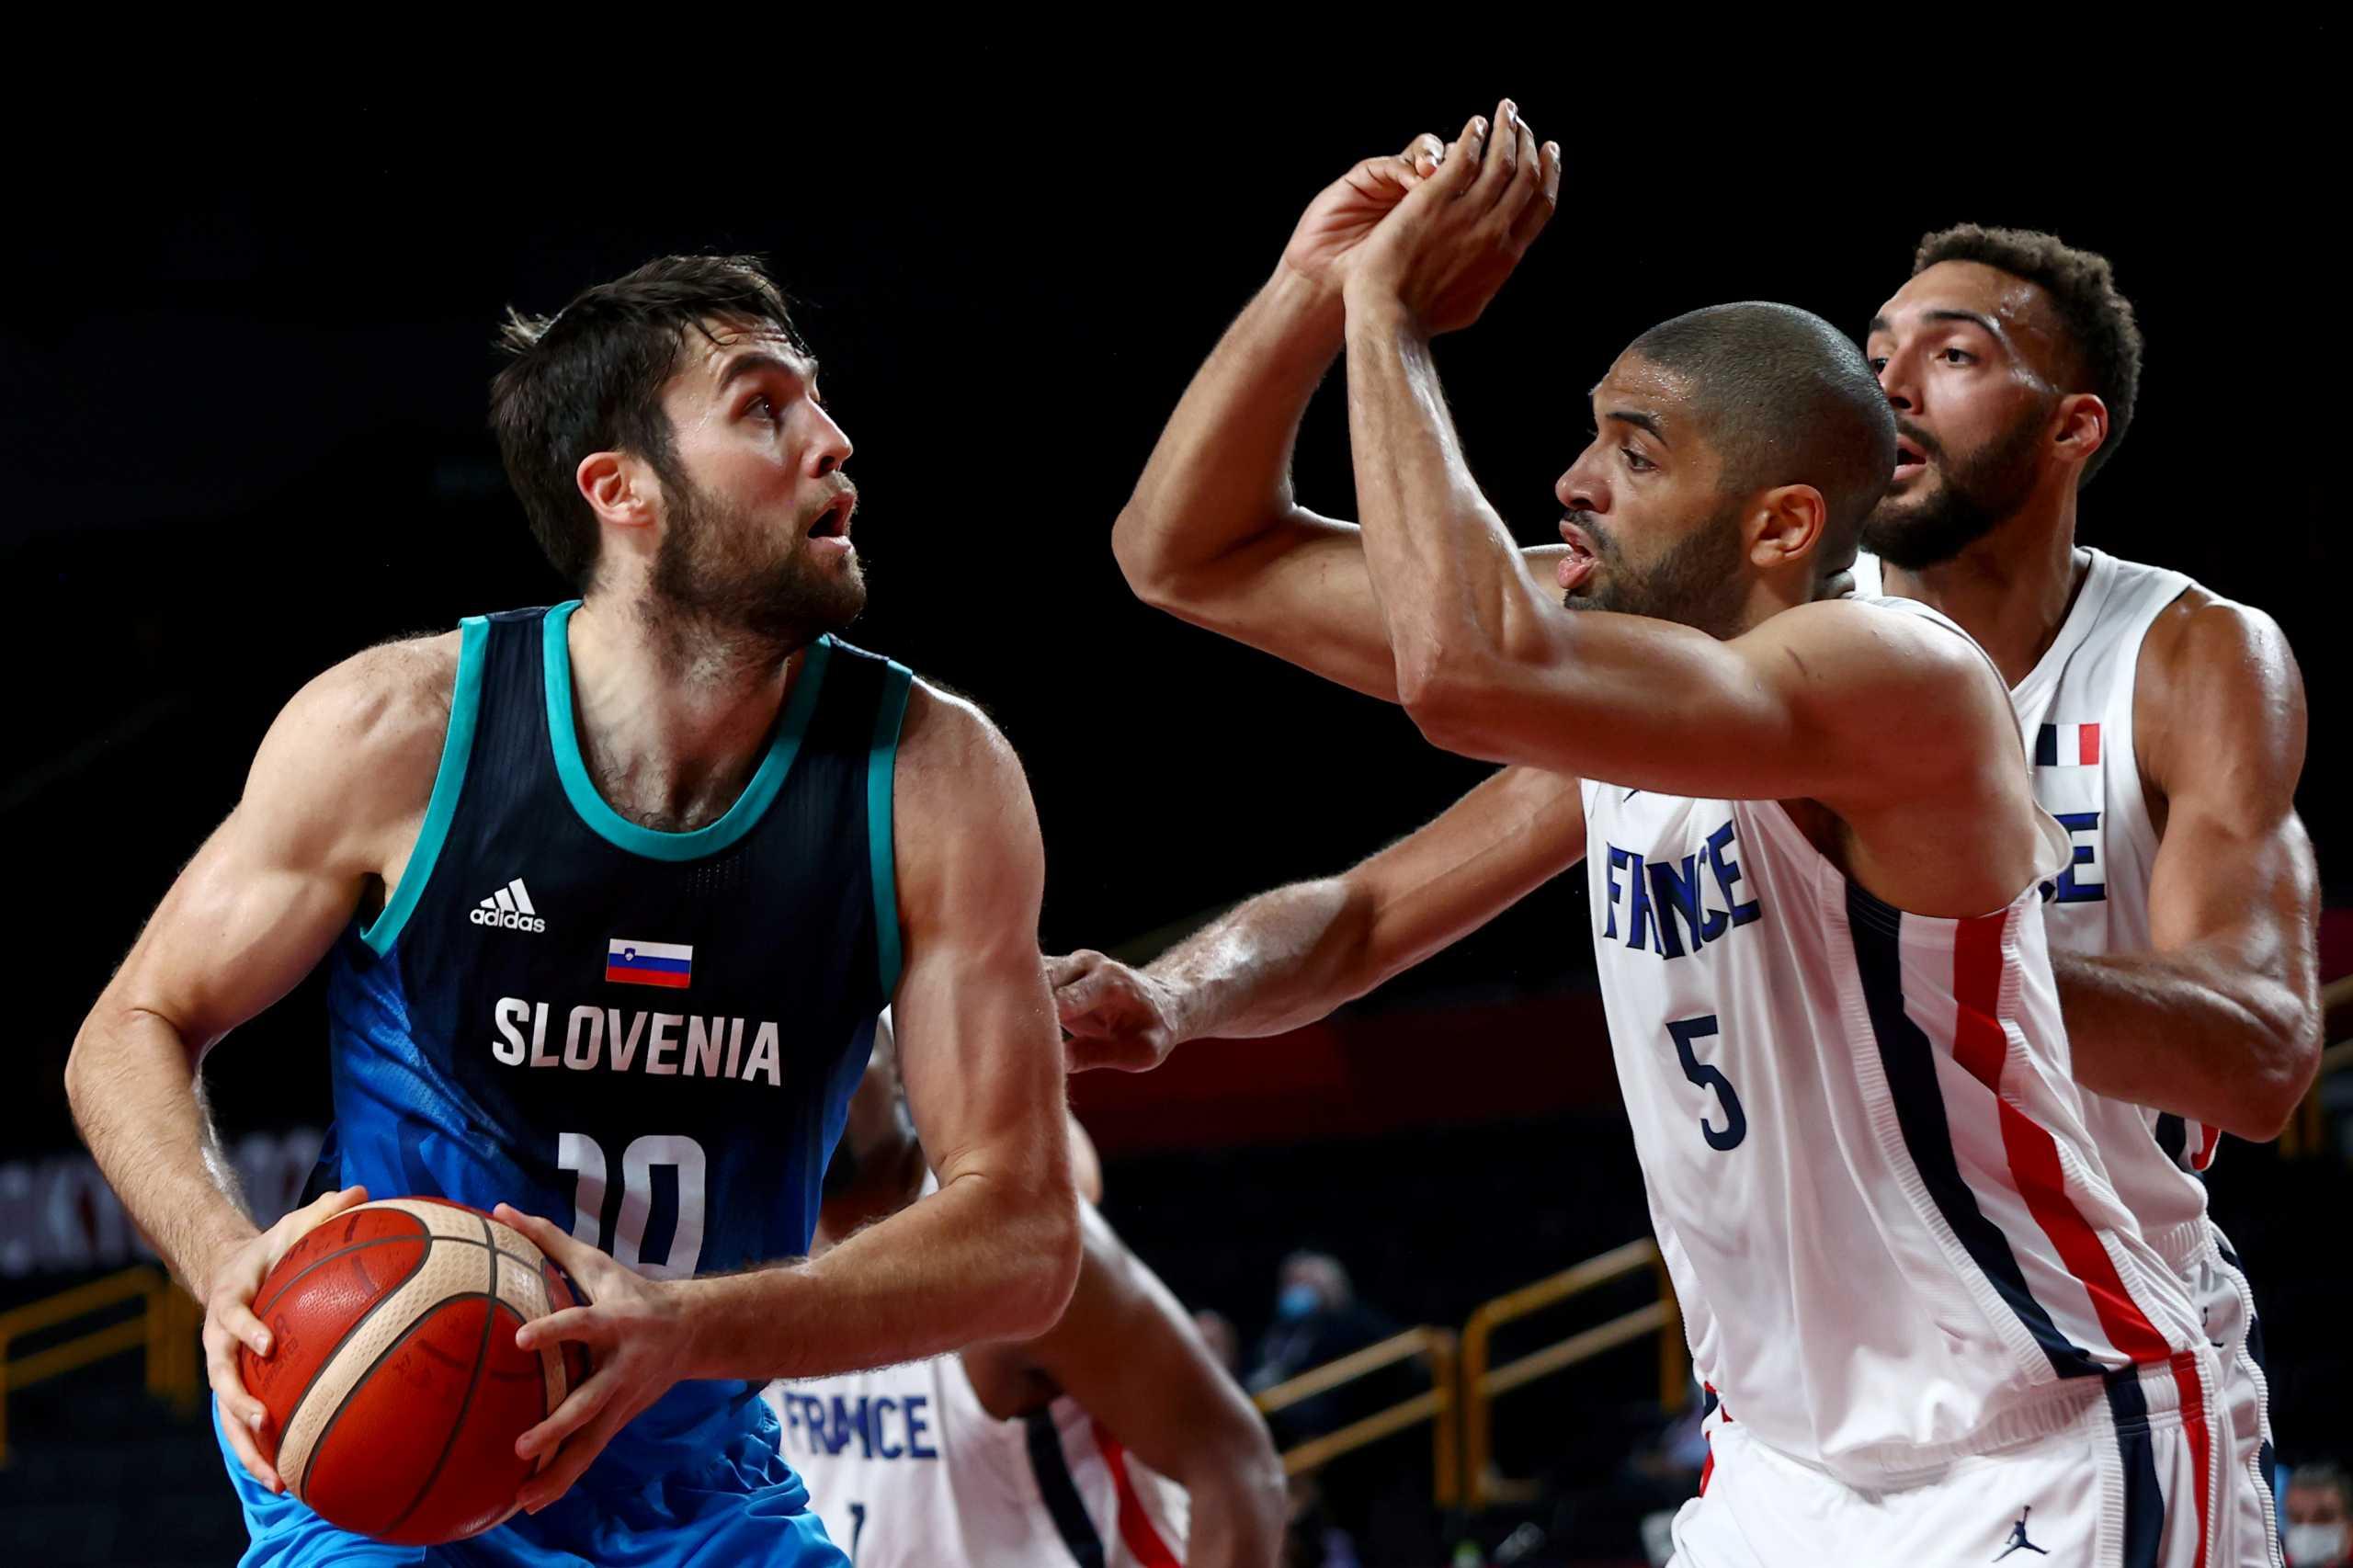 Γαλλία – Σλοβενία 90-89: Στον τελικό του τουρνουά μπάσκετ των Ολυμπιακών Αγώνων οι Γάλλοι δια χειρός Μπατούμ